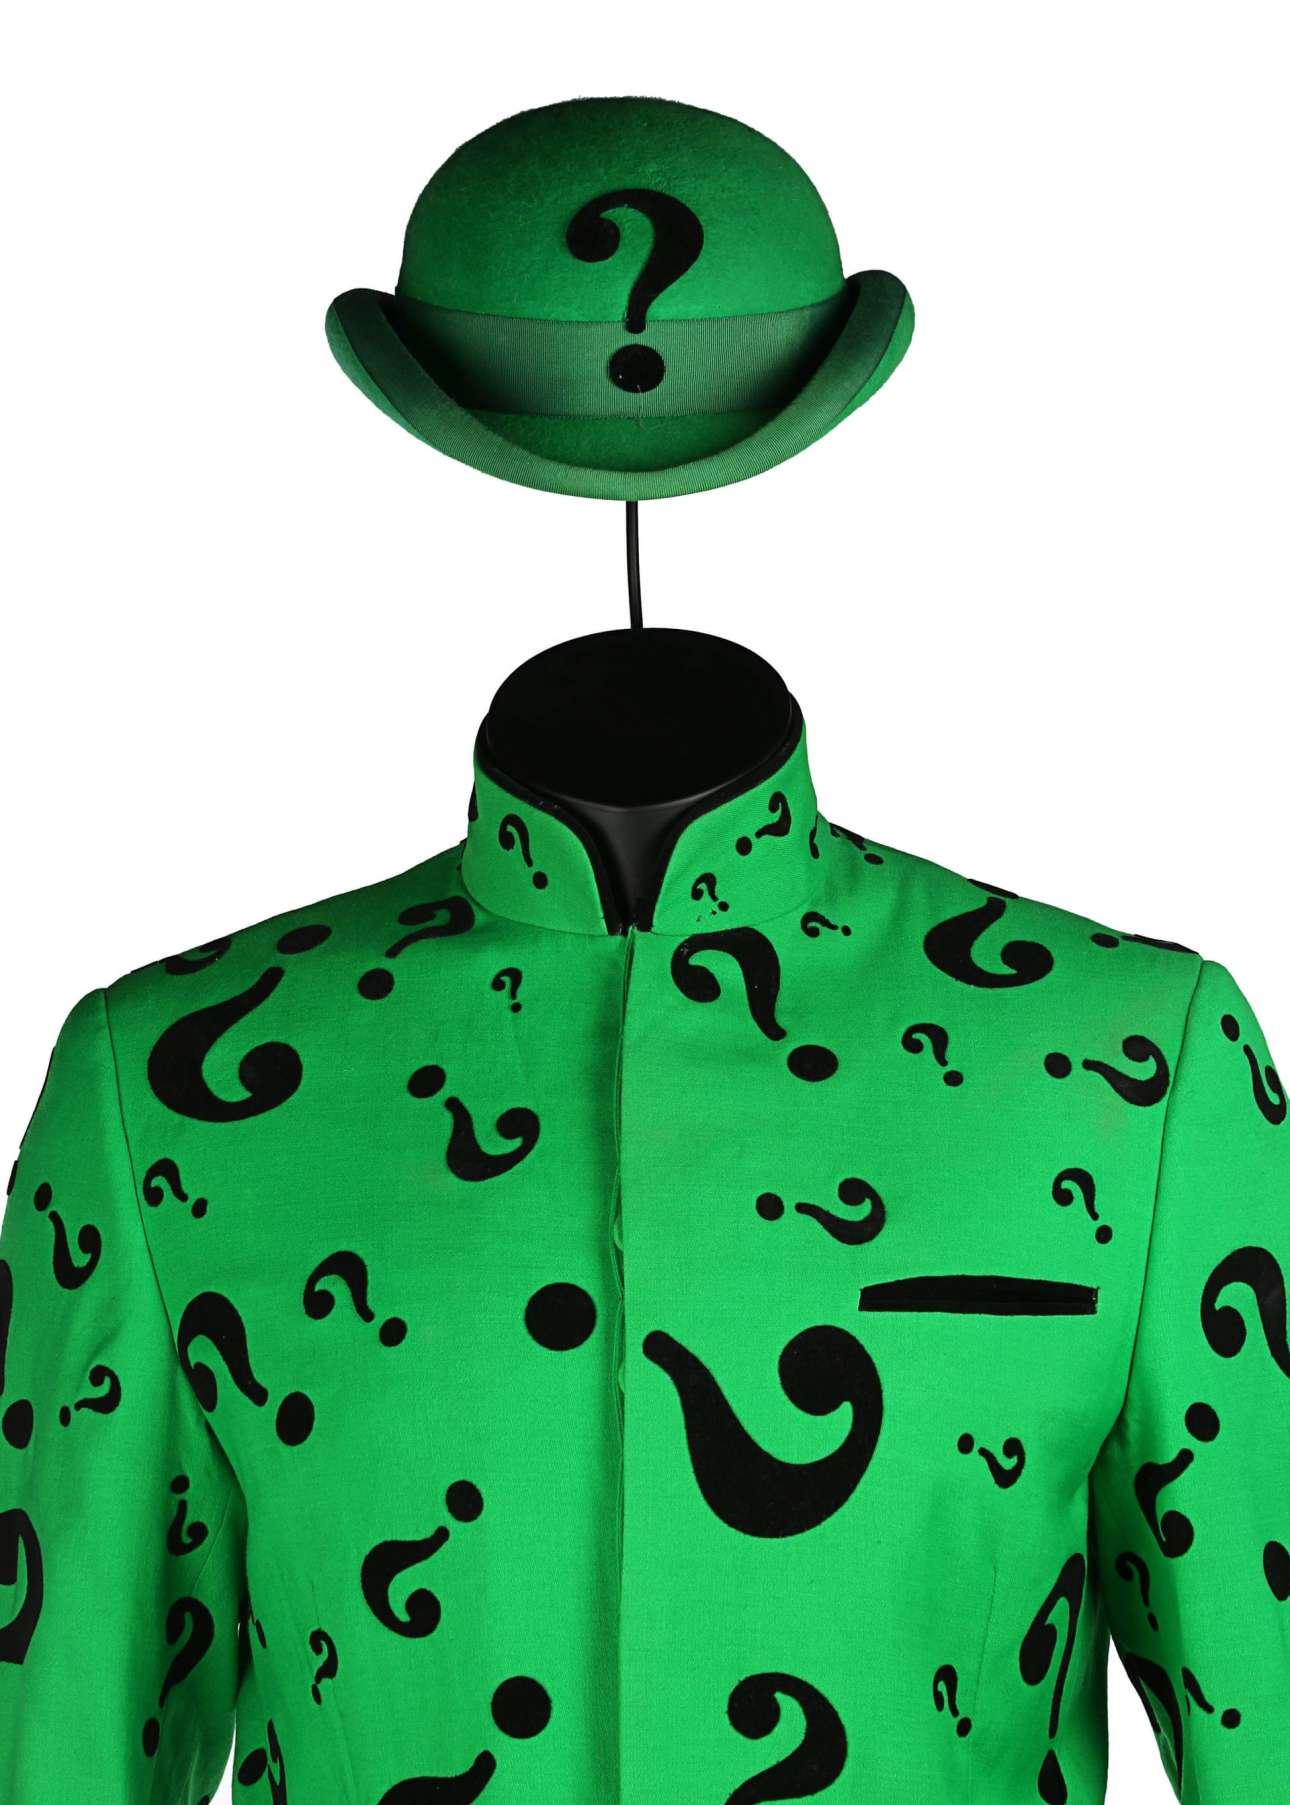 Το κοστούμι του «Γρίφου» - Τζιμ Κάρεϊ από την ταινία «Μπάτμαν για Πάντα» υπολογίζεται στα 12.000 - 17.000 ευρώ